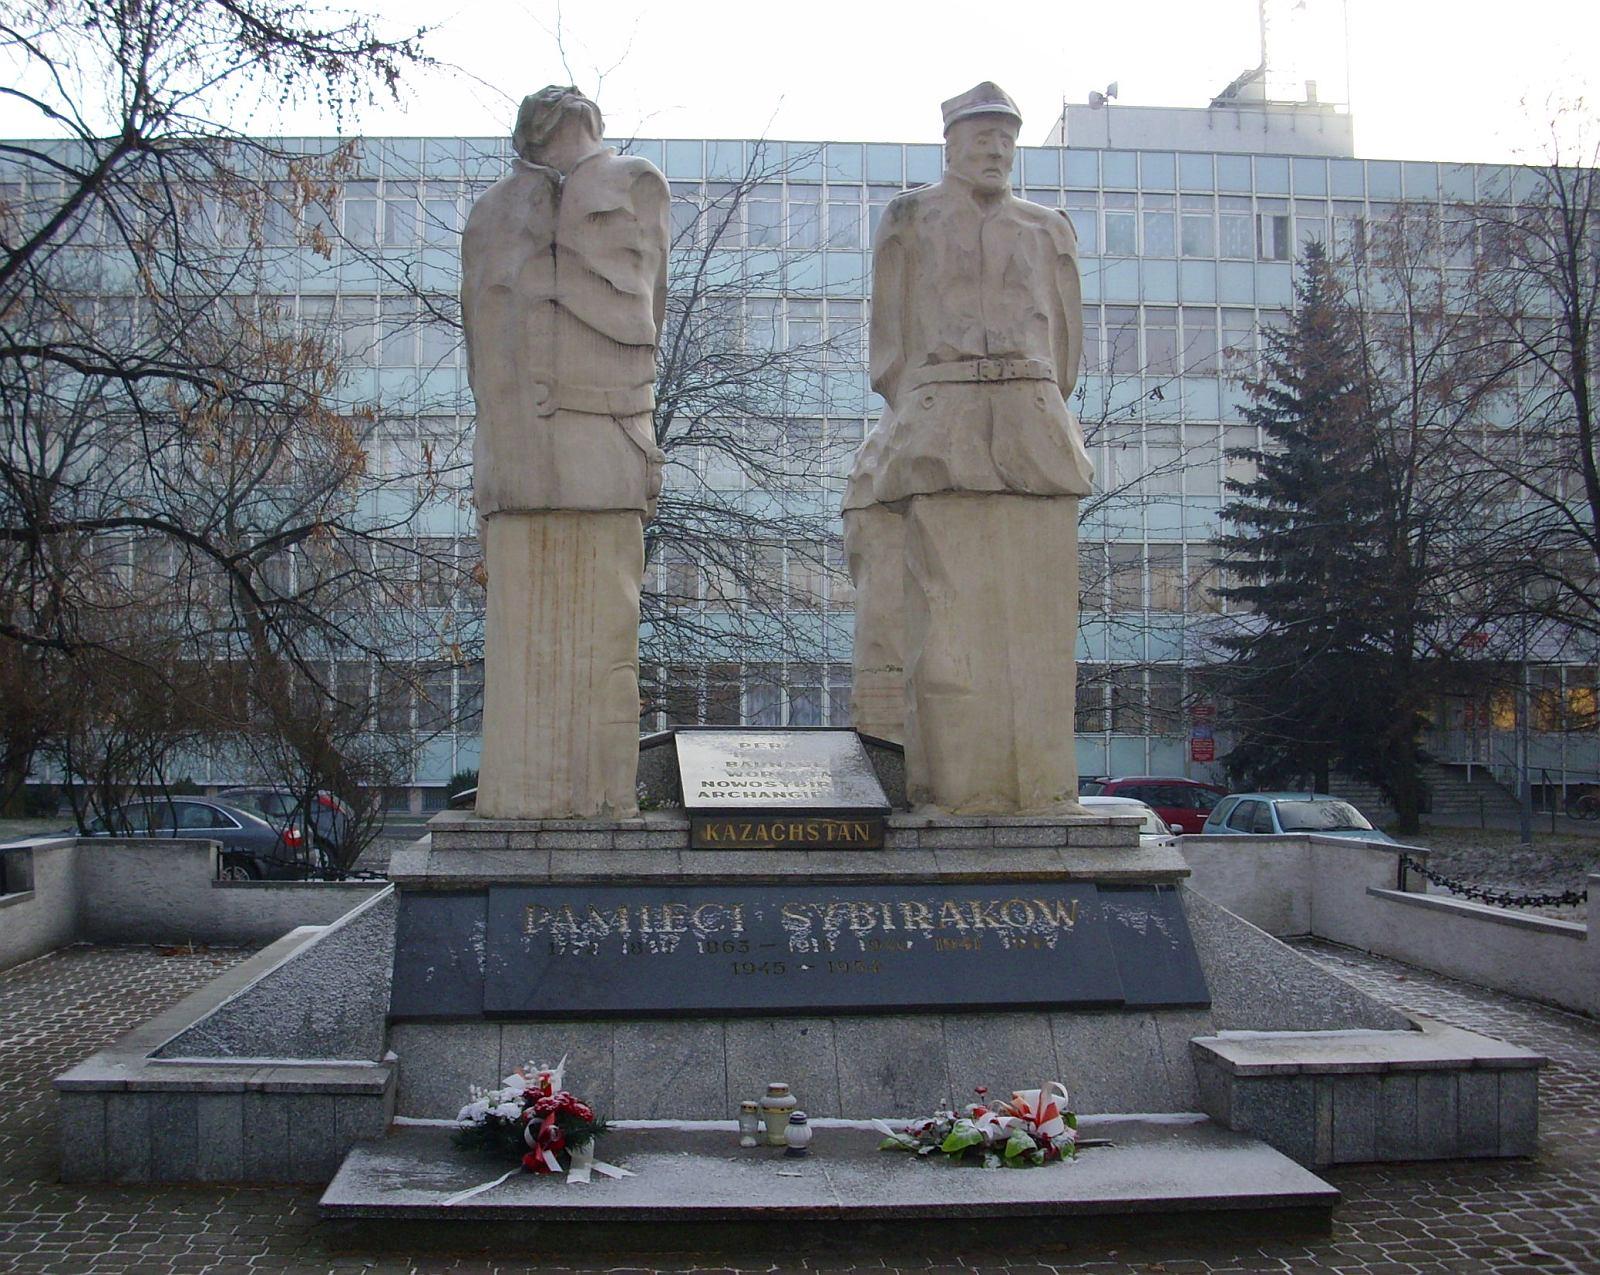 File Biala Podlaska pomnik Sybirakow 081231 jpg   -> Kuchnia Orientalna Biala Podlaska Brzeska